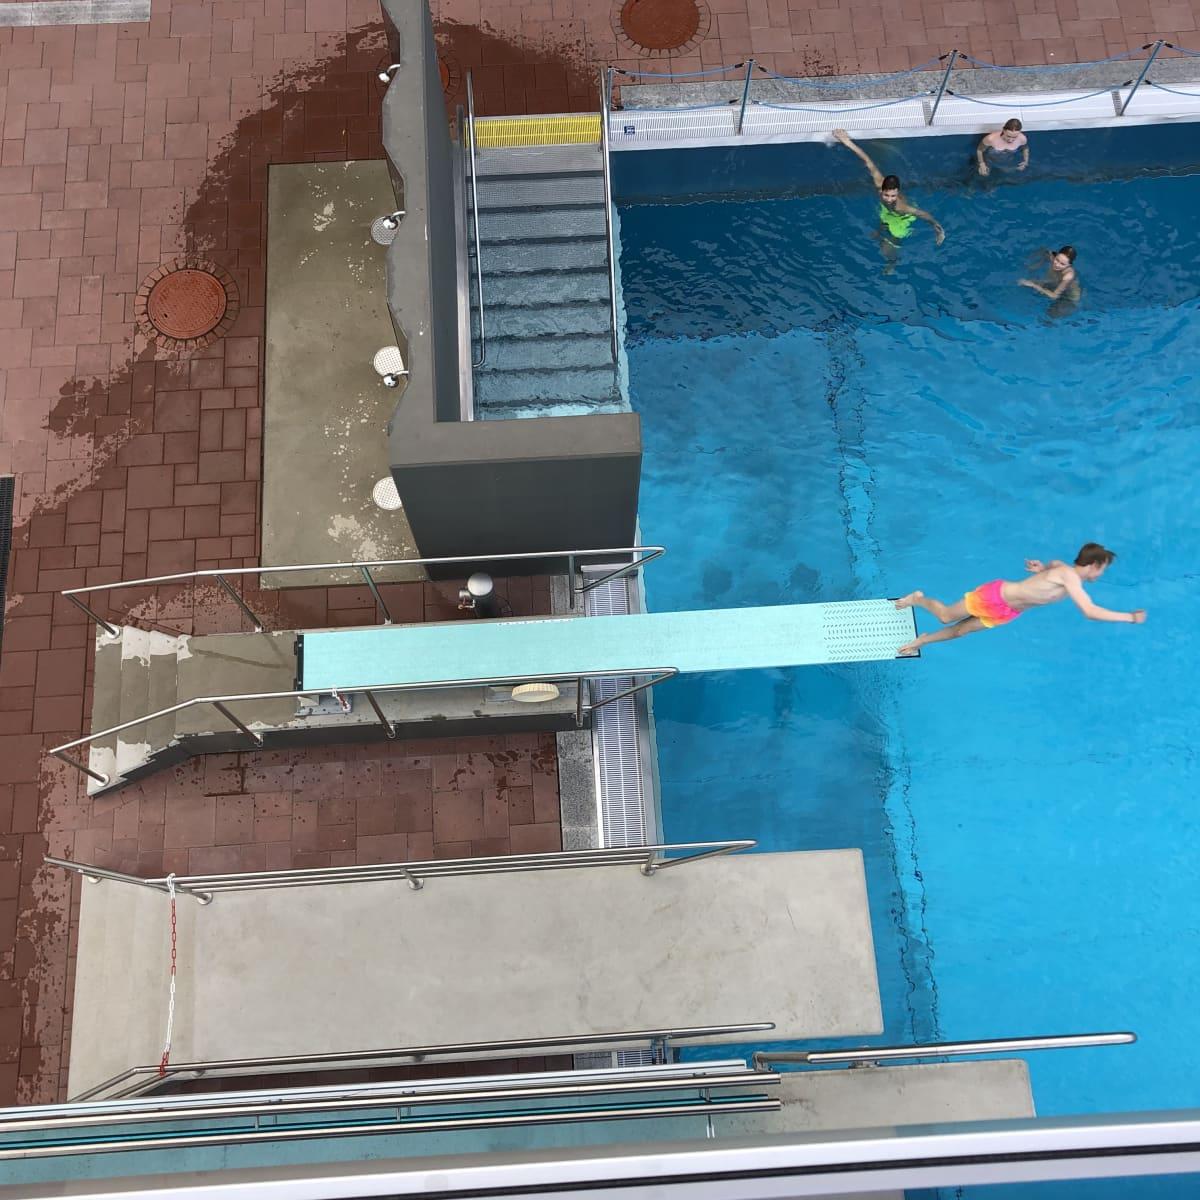 Poika hyppää ponnahduslaudalta uima-altaaseen.